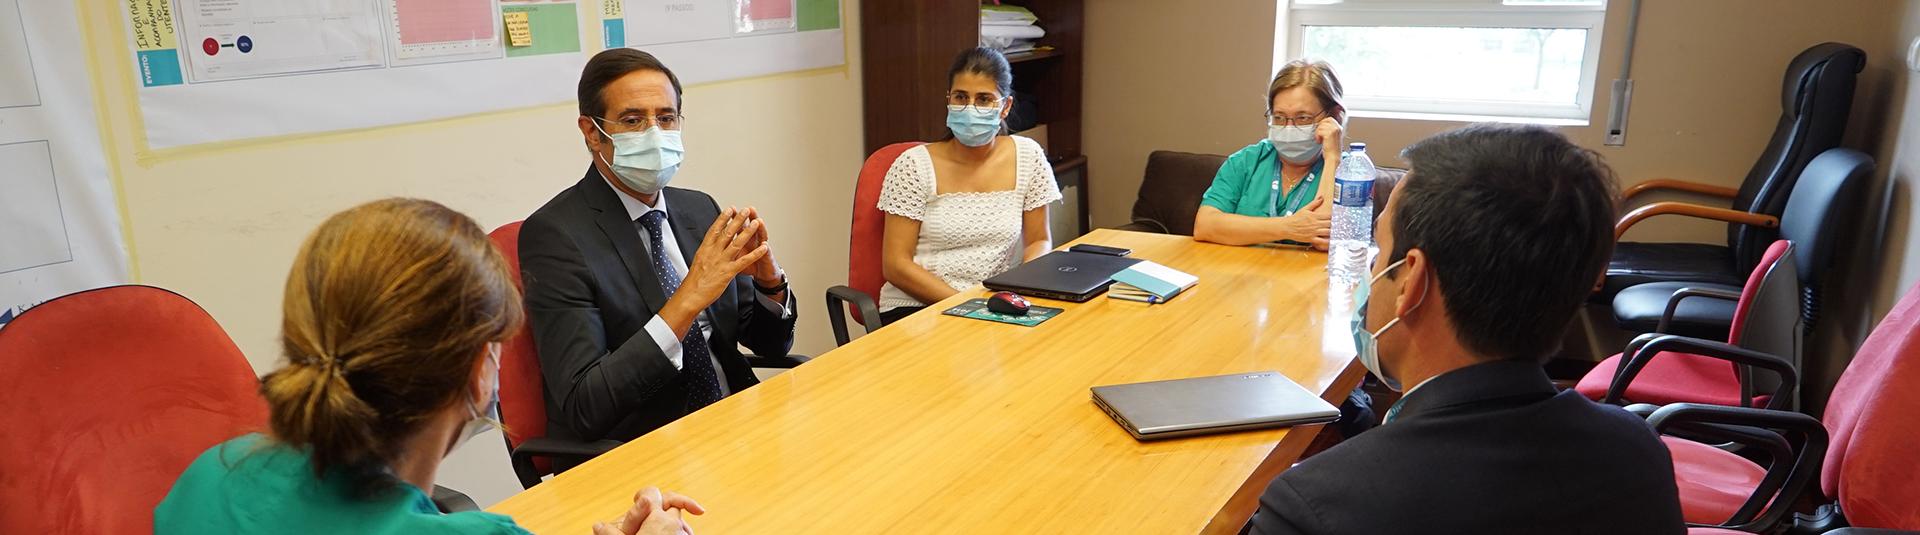 Visita à Unidade III do Centro Hospitalar Vila Nova De Gaia/Espinho